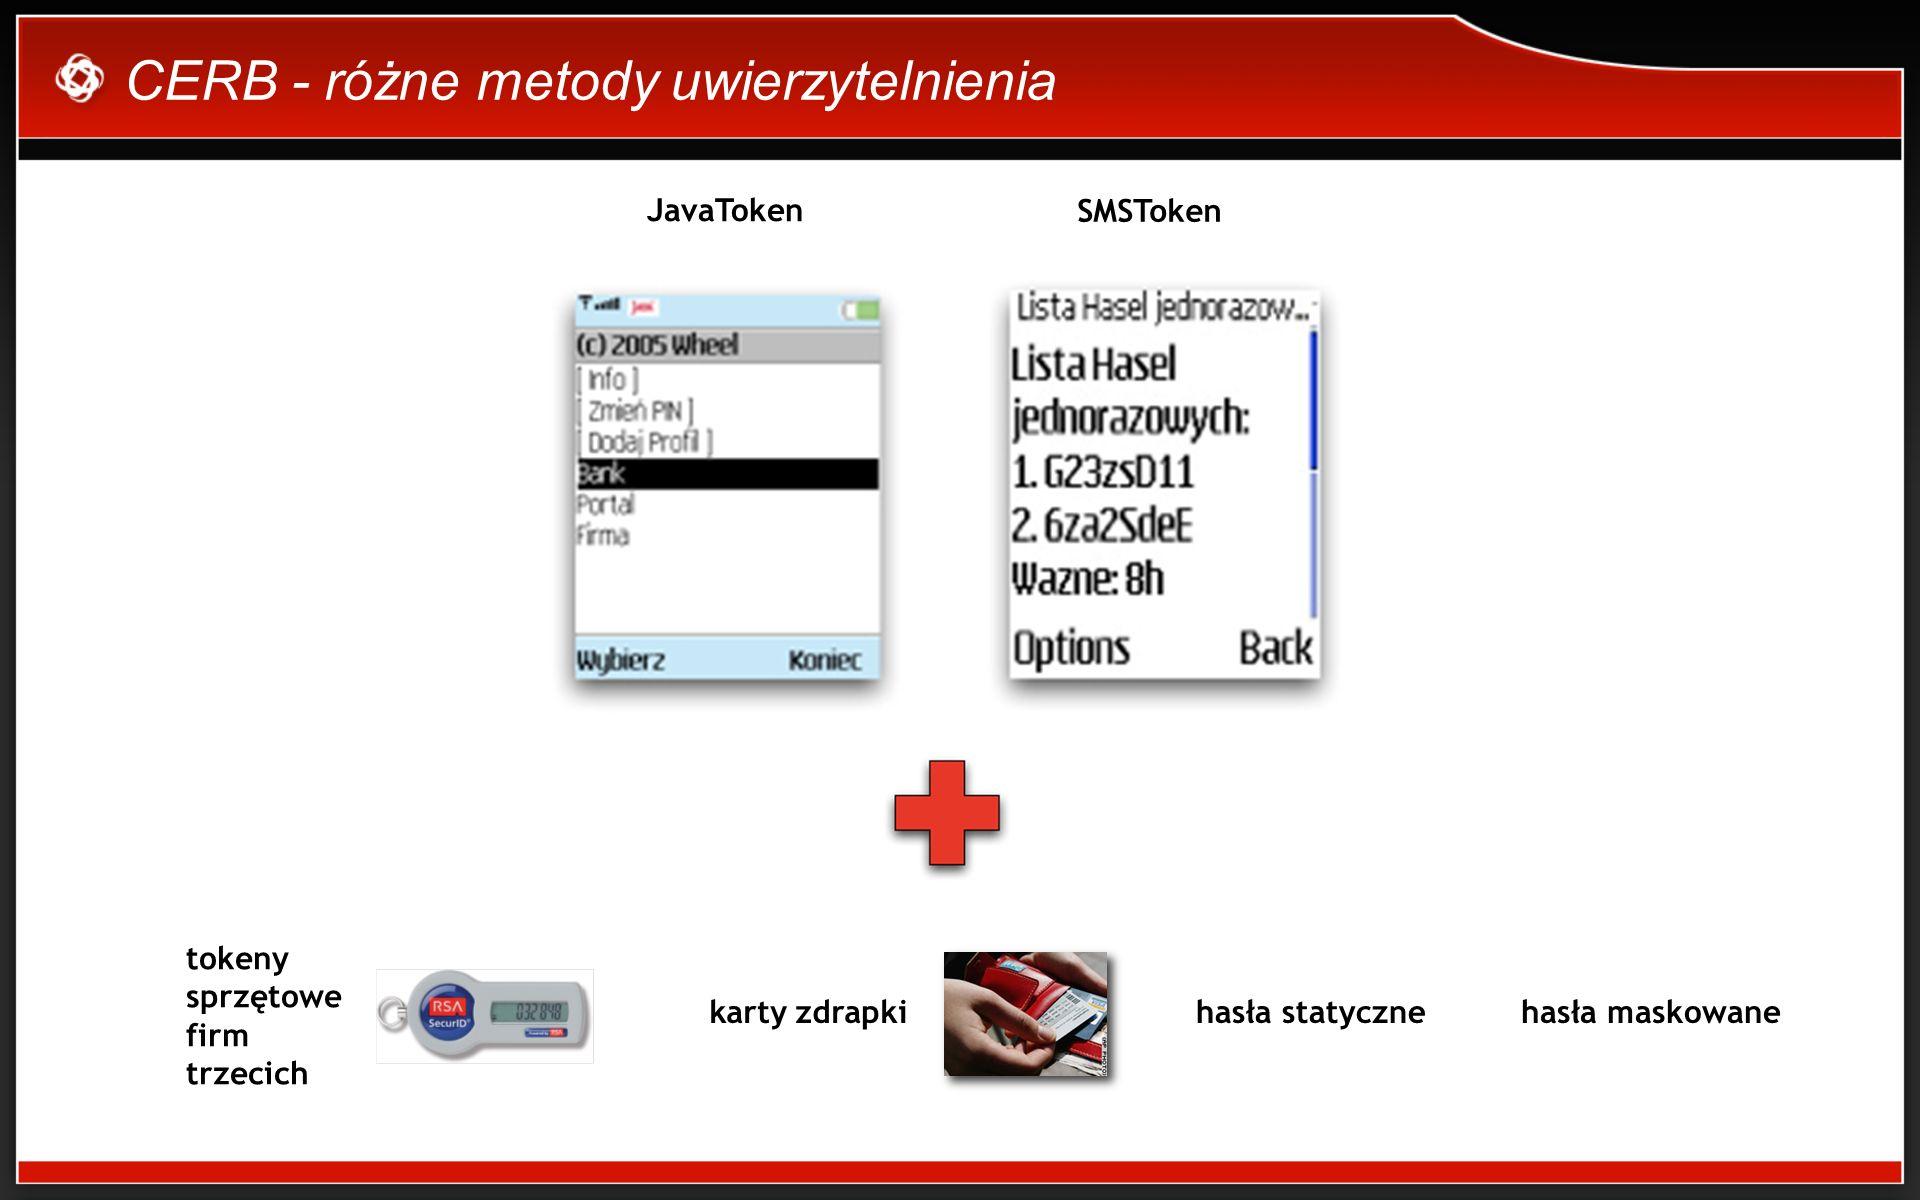 CERB - różne metody uwierzytelnienia JavaToken SMSToken hasła statycznekarty zdrapki tokeny sprzętowe firm trzecich hasła maskowane